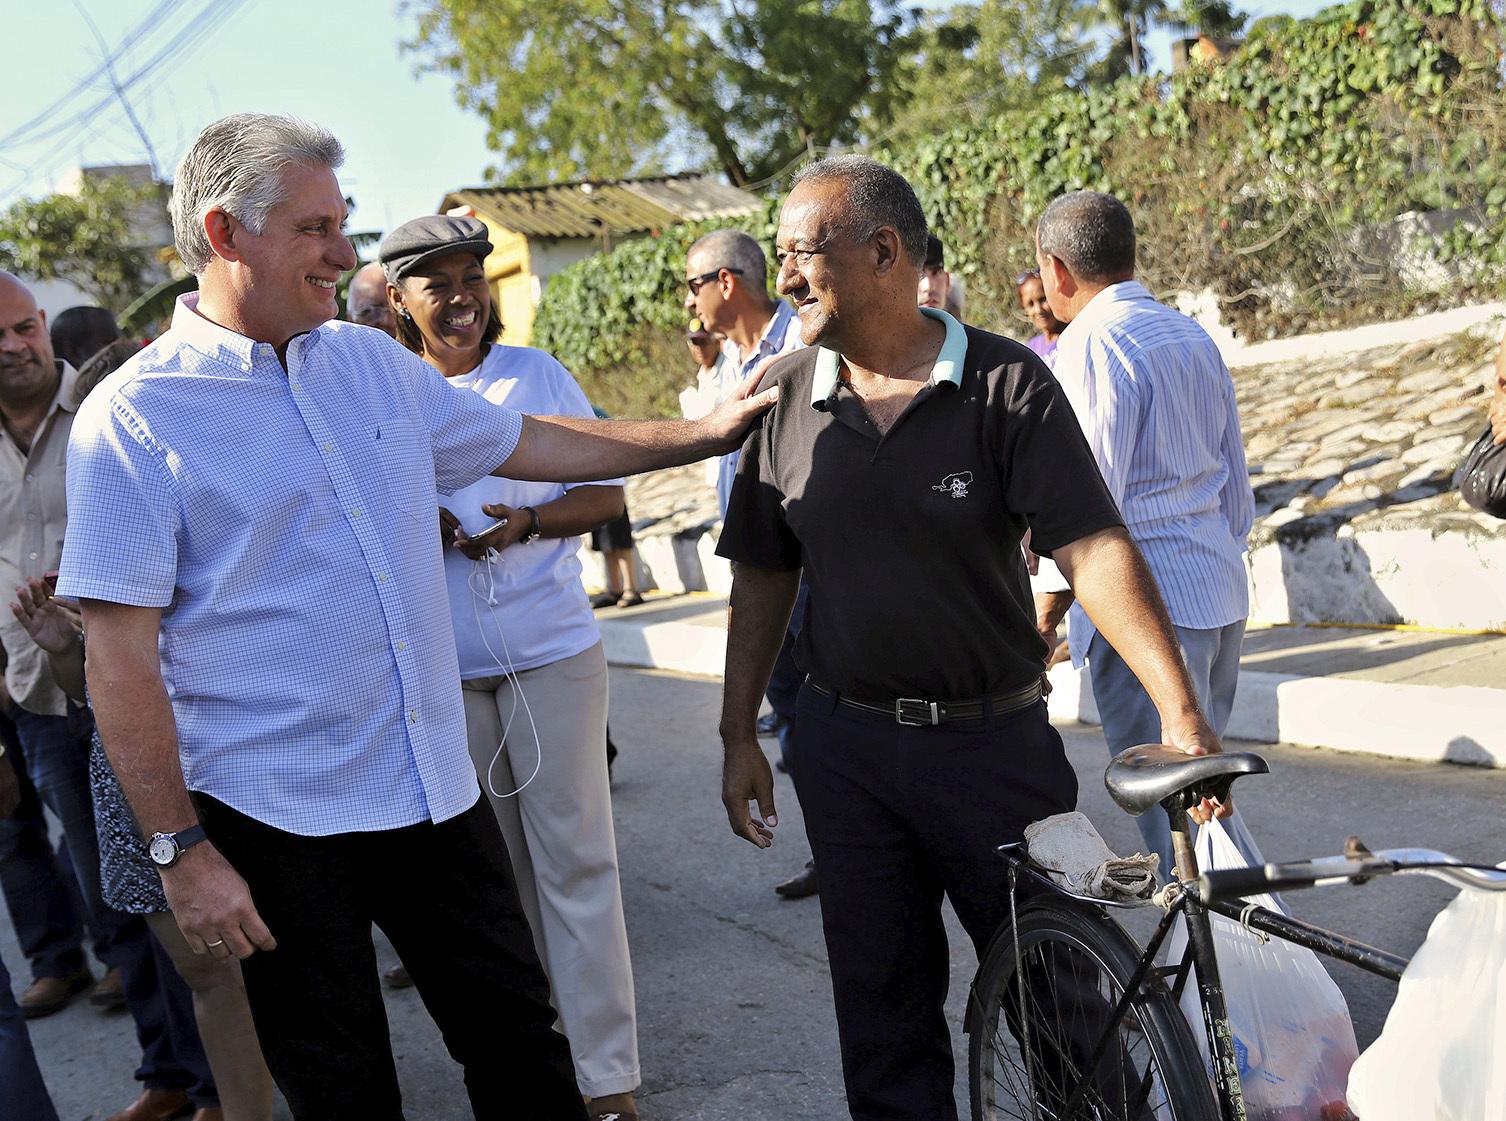 El presidente cubano Miguel Díaz-Canel conversa con un residente local de la provincia de Santa Clara.